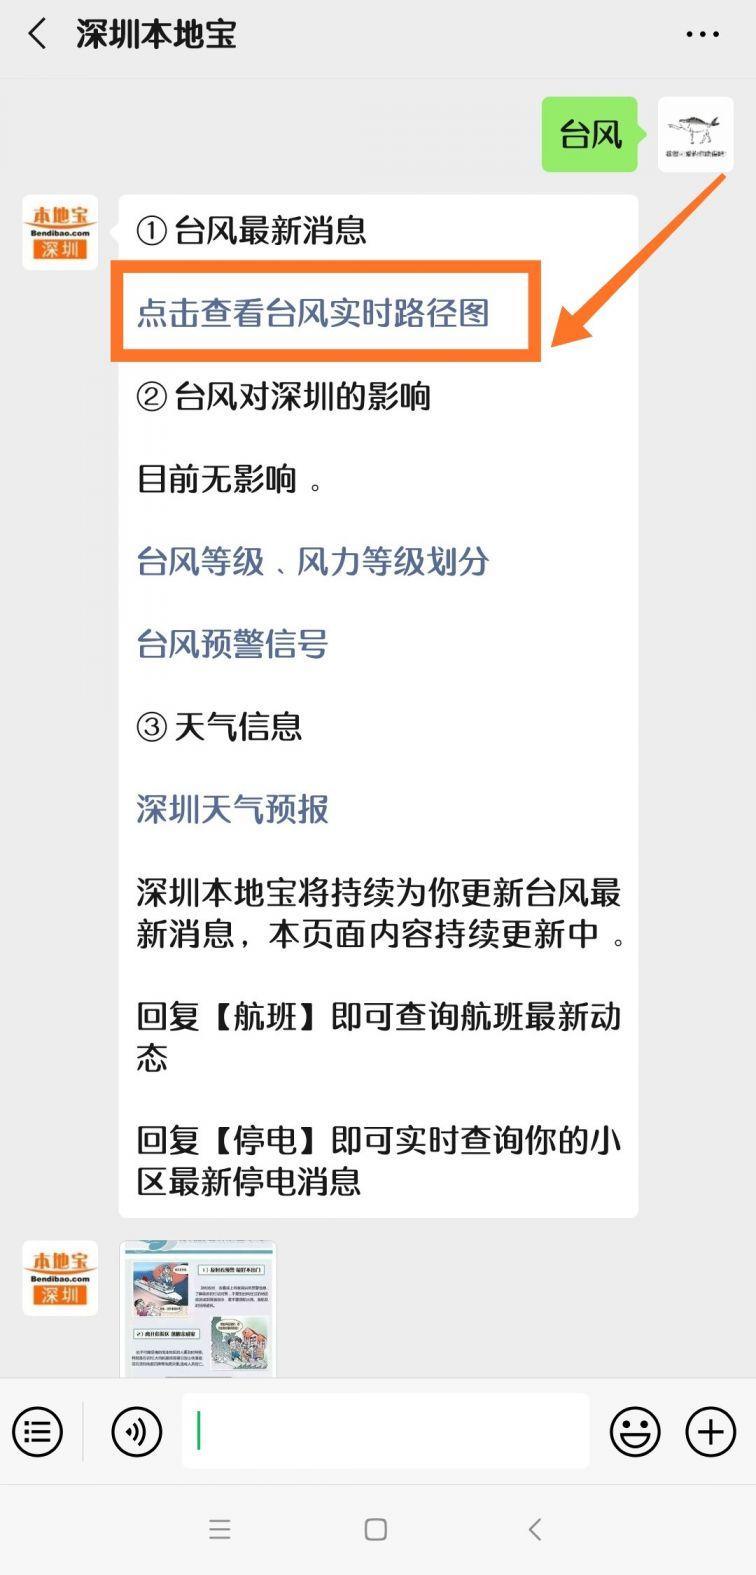 天兔台风动态_2020深圳台风最新消息(持续更新)- 深圳本地宝